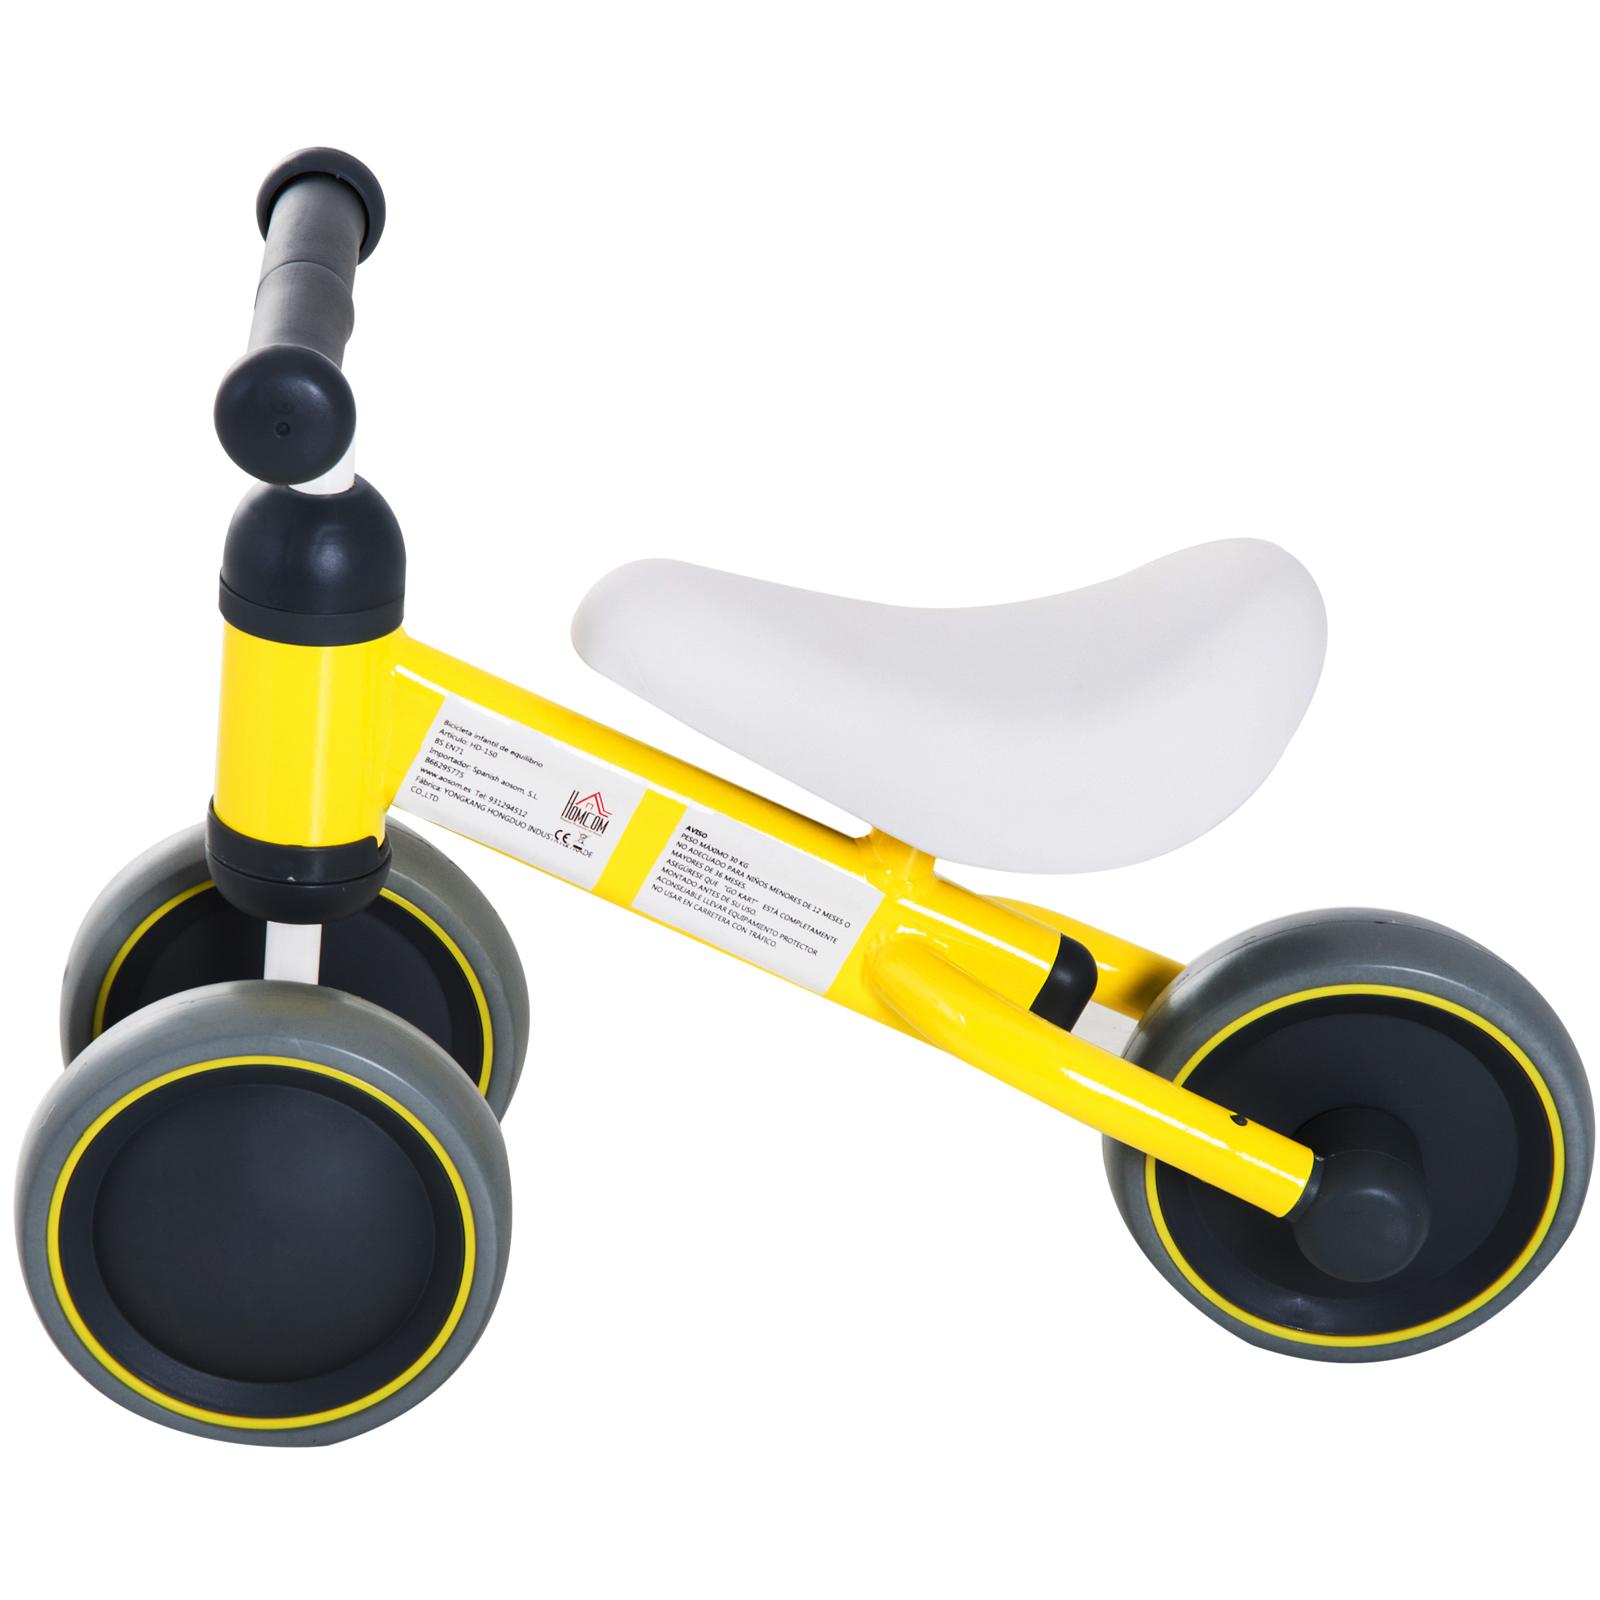 Triciclo-Bicicleta-sin-Pedales-para-Nino-1-3-Anos-Sillon-Comodo-Aluminio miniatura 12